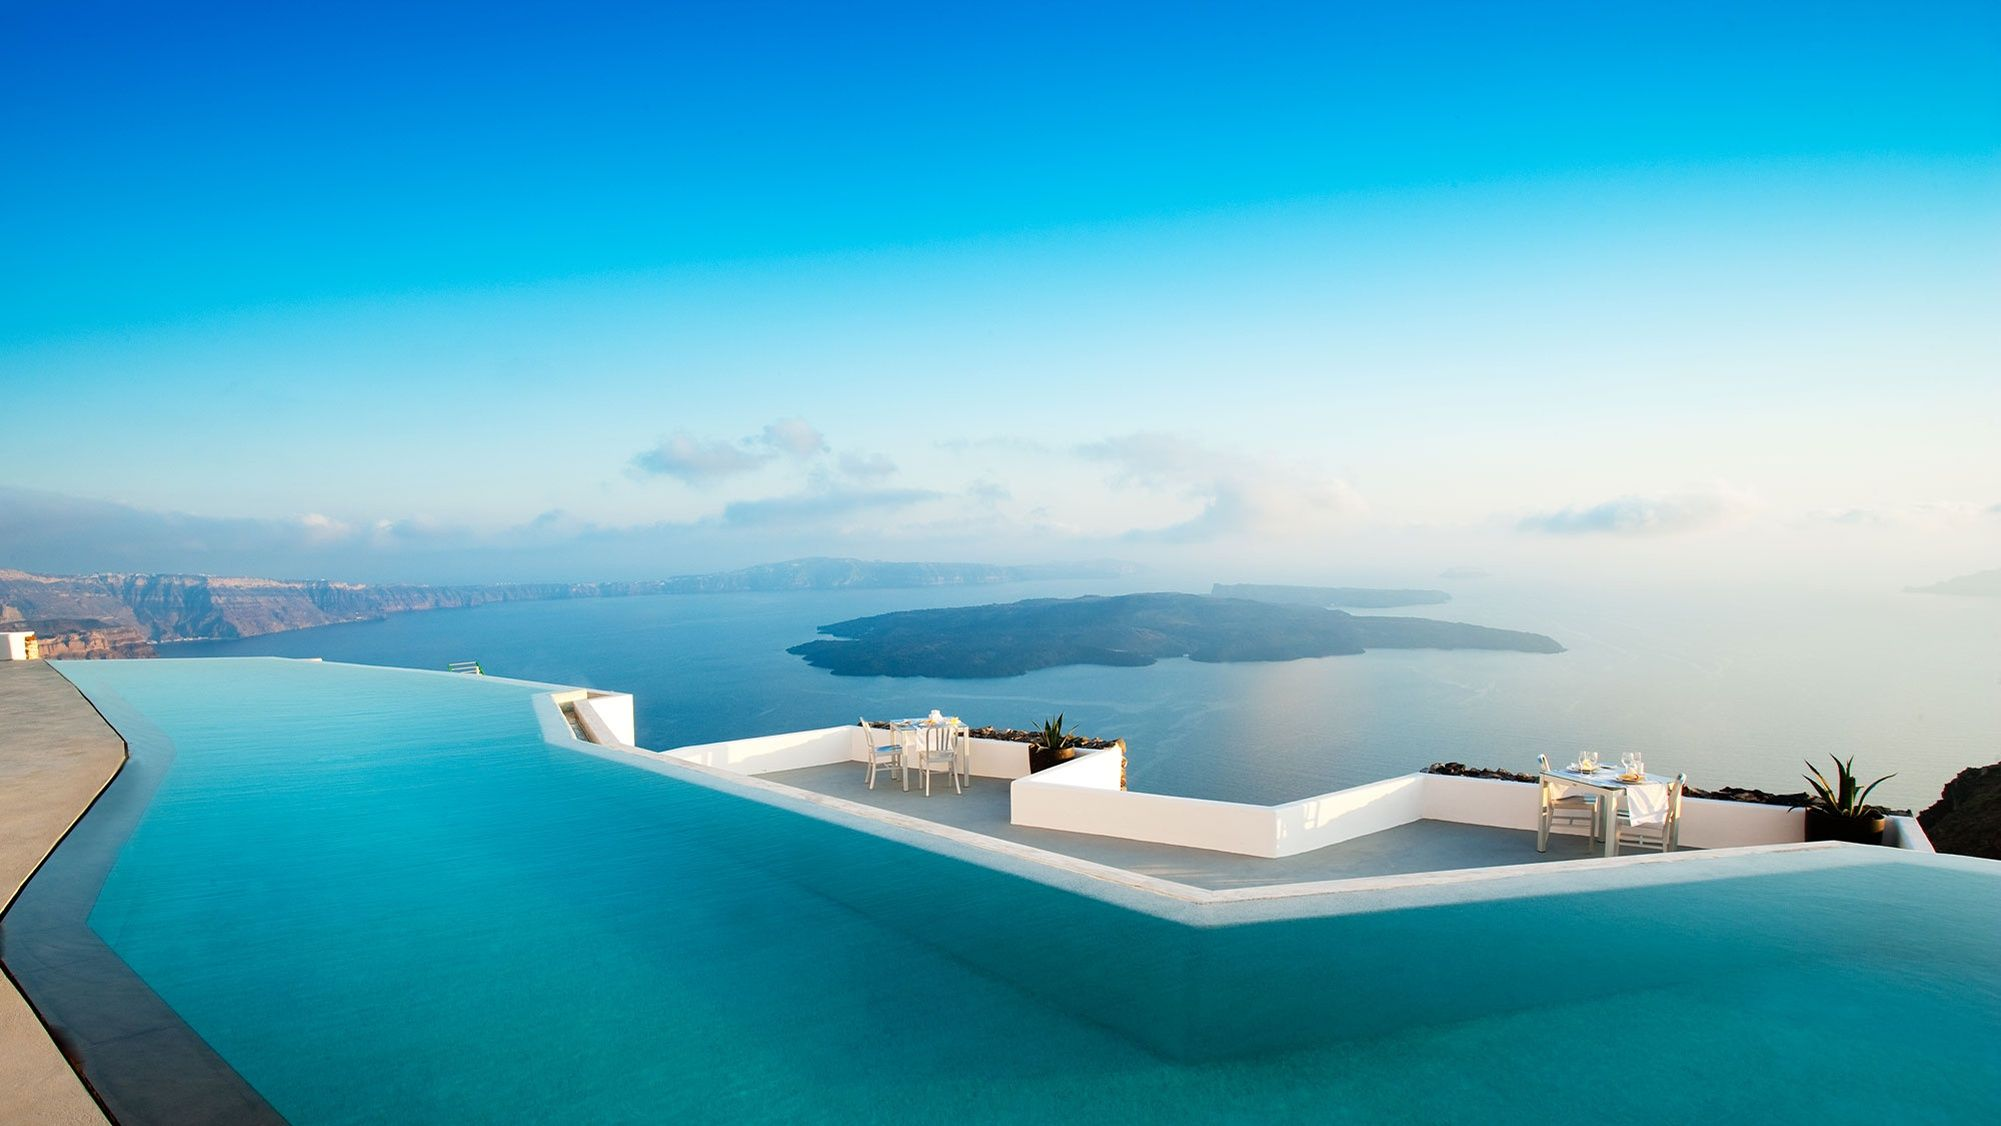 Les plus belles piscines d 39 h tels du monde for Les piscines